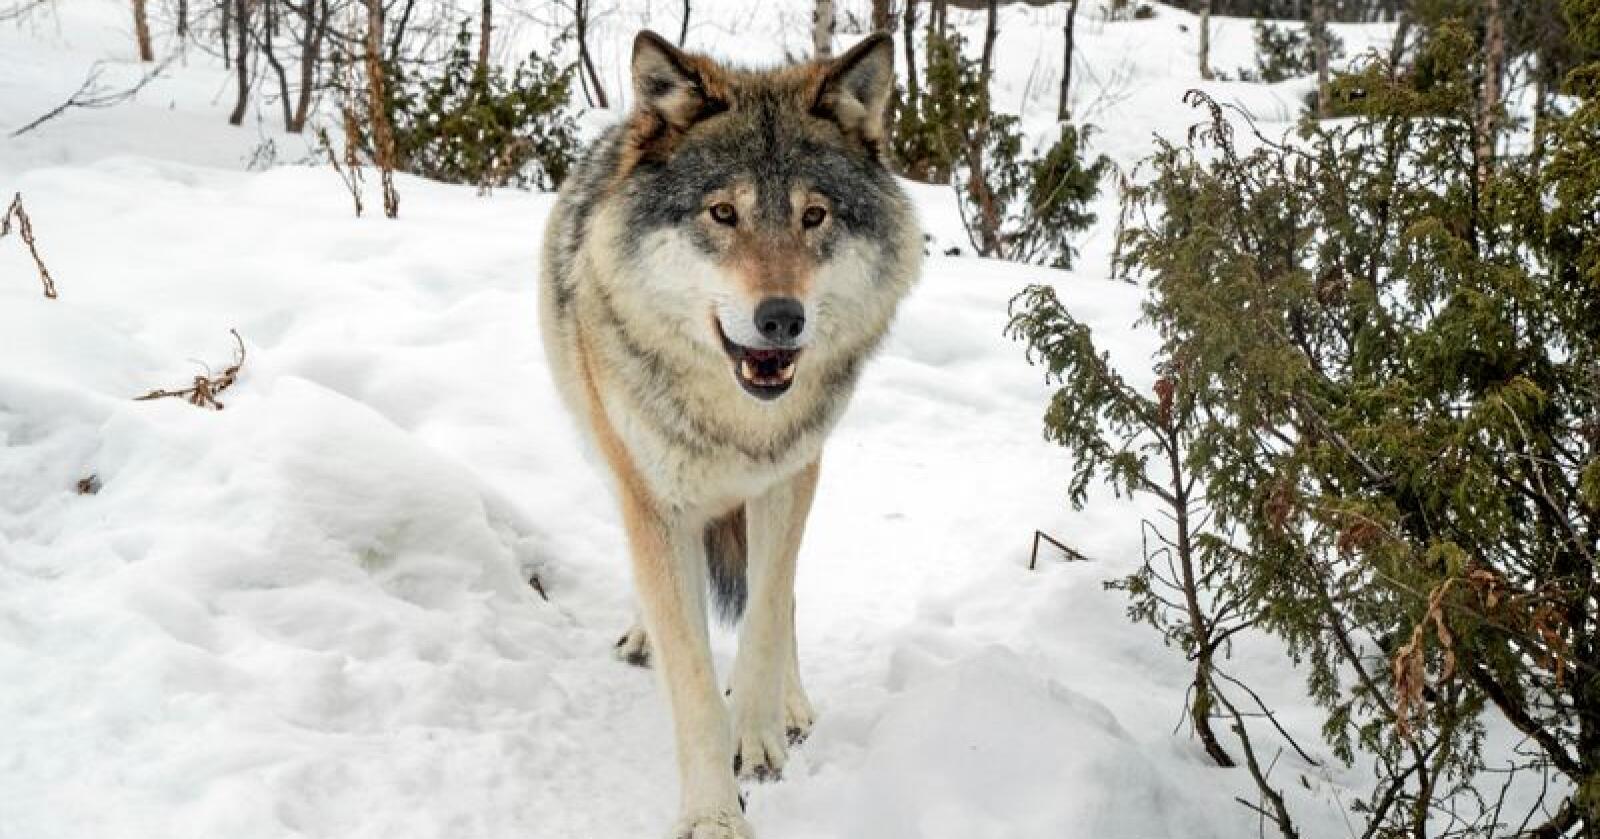 Ulv: Denne ulven holder til på Langedrag. Foto: Heiko Junge / NTB scanpix